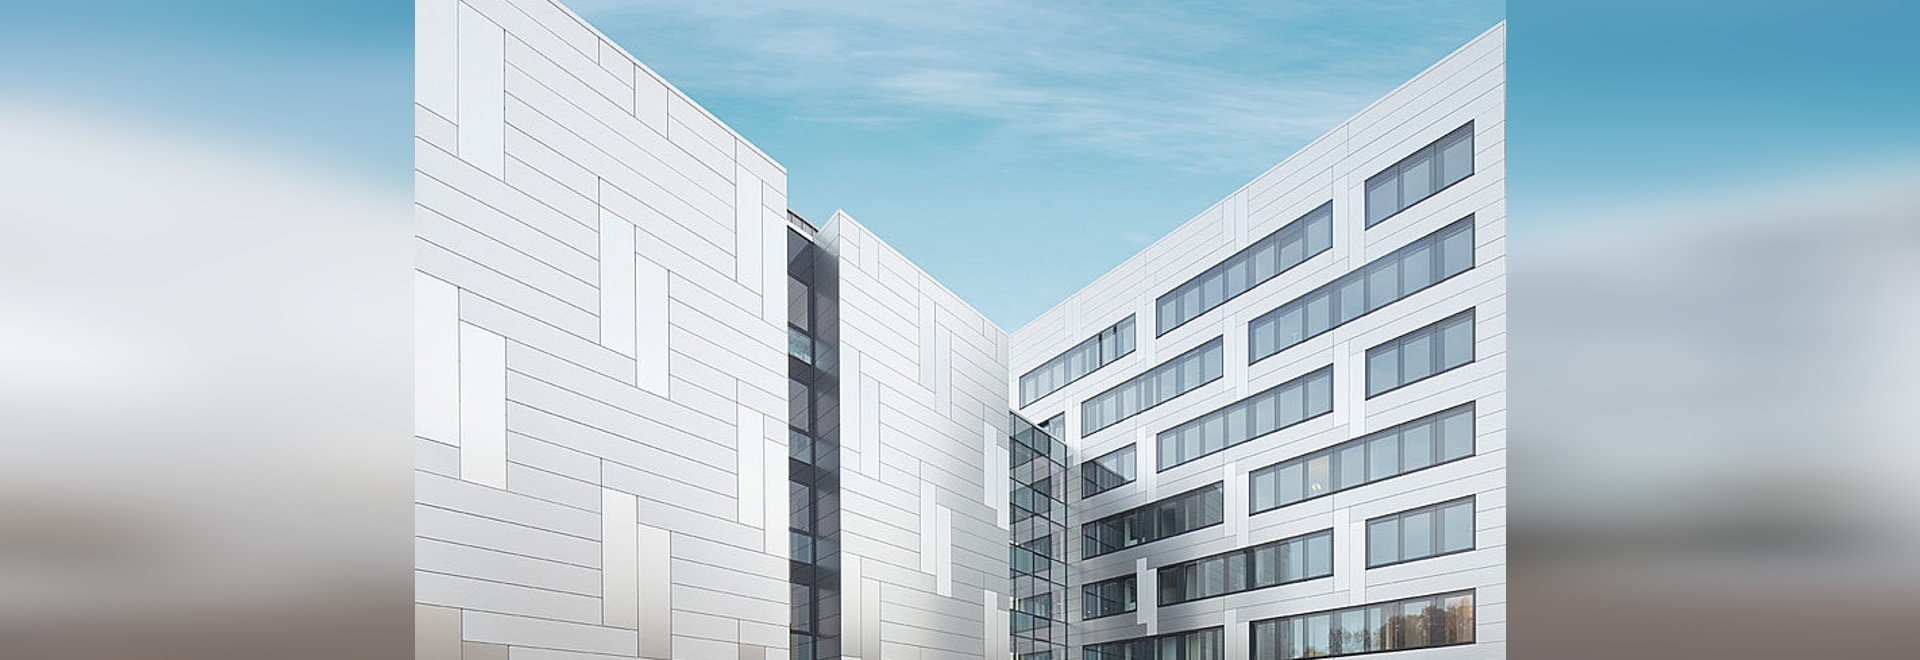 Pensionskasse Hoechst – Façade homogène aux reflets iridescents avec les panneaux composites en aluminium Reynobond